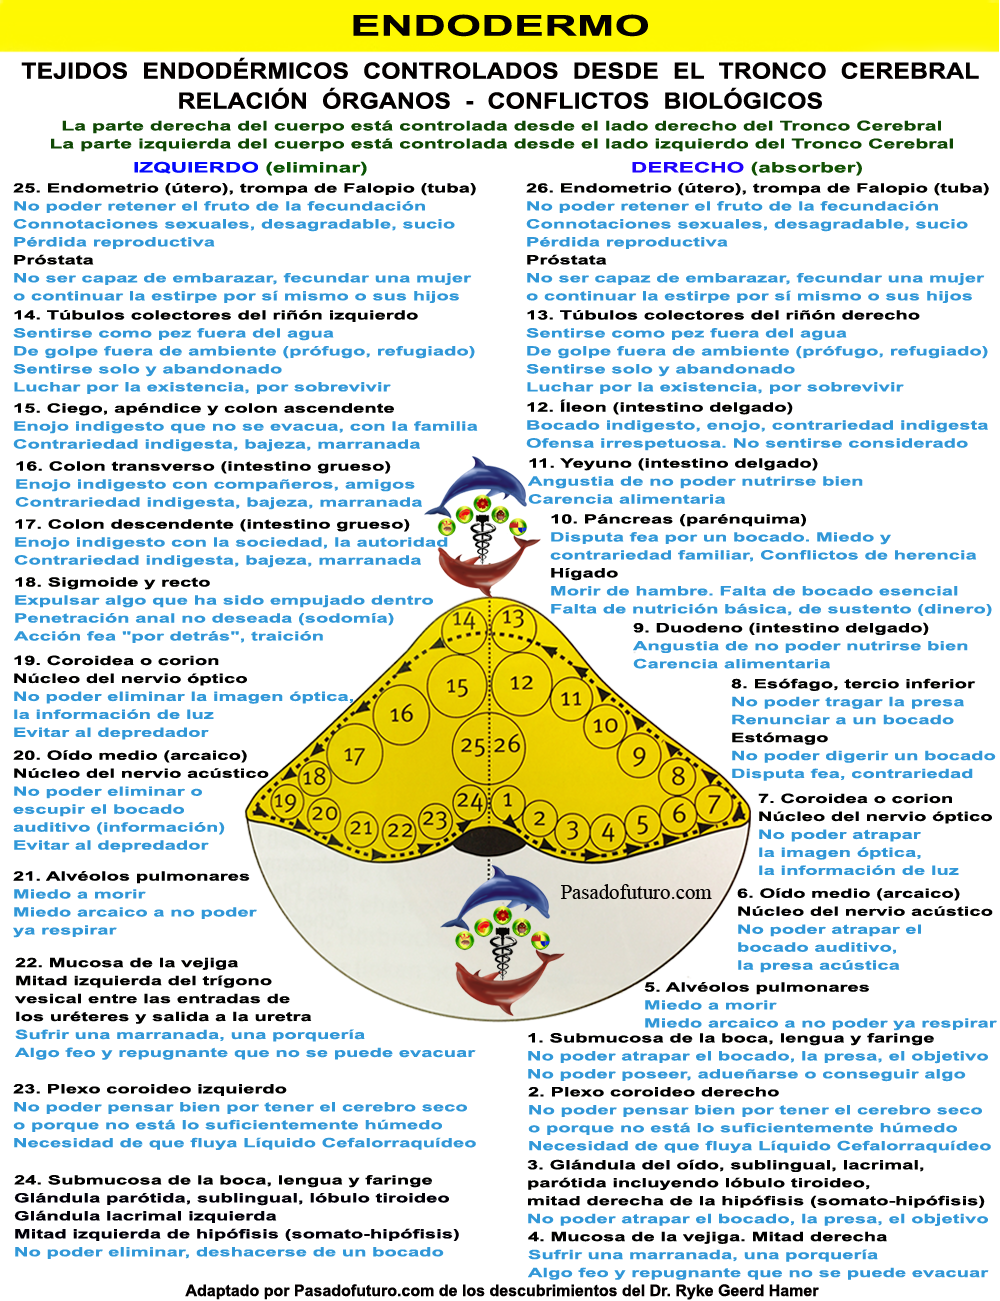 ORGANOS DEL ENDODERMO Y SUS CONFLICTOS BIOLÓGICOS | Pinterest ...